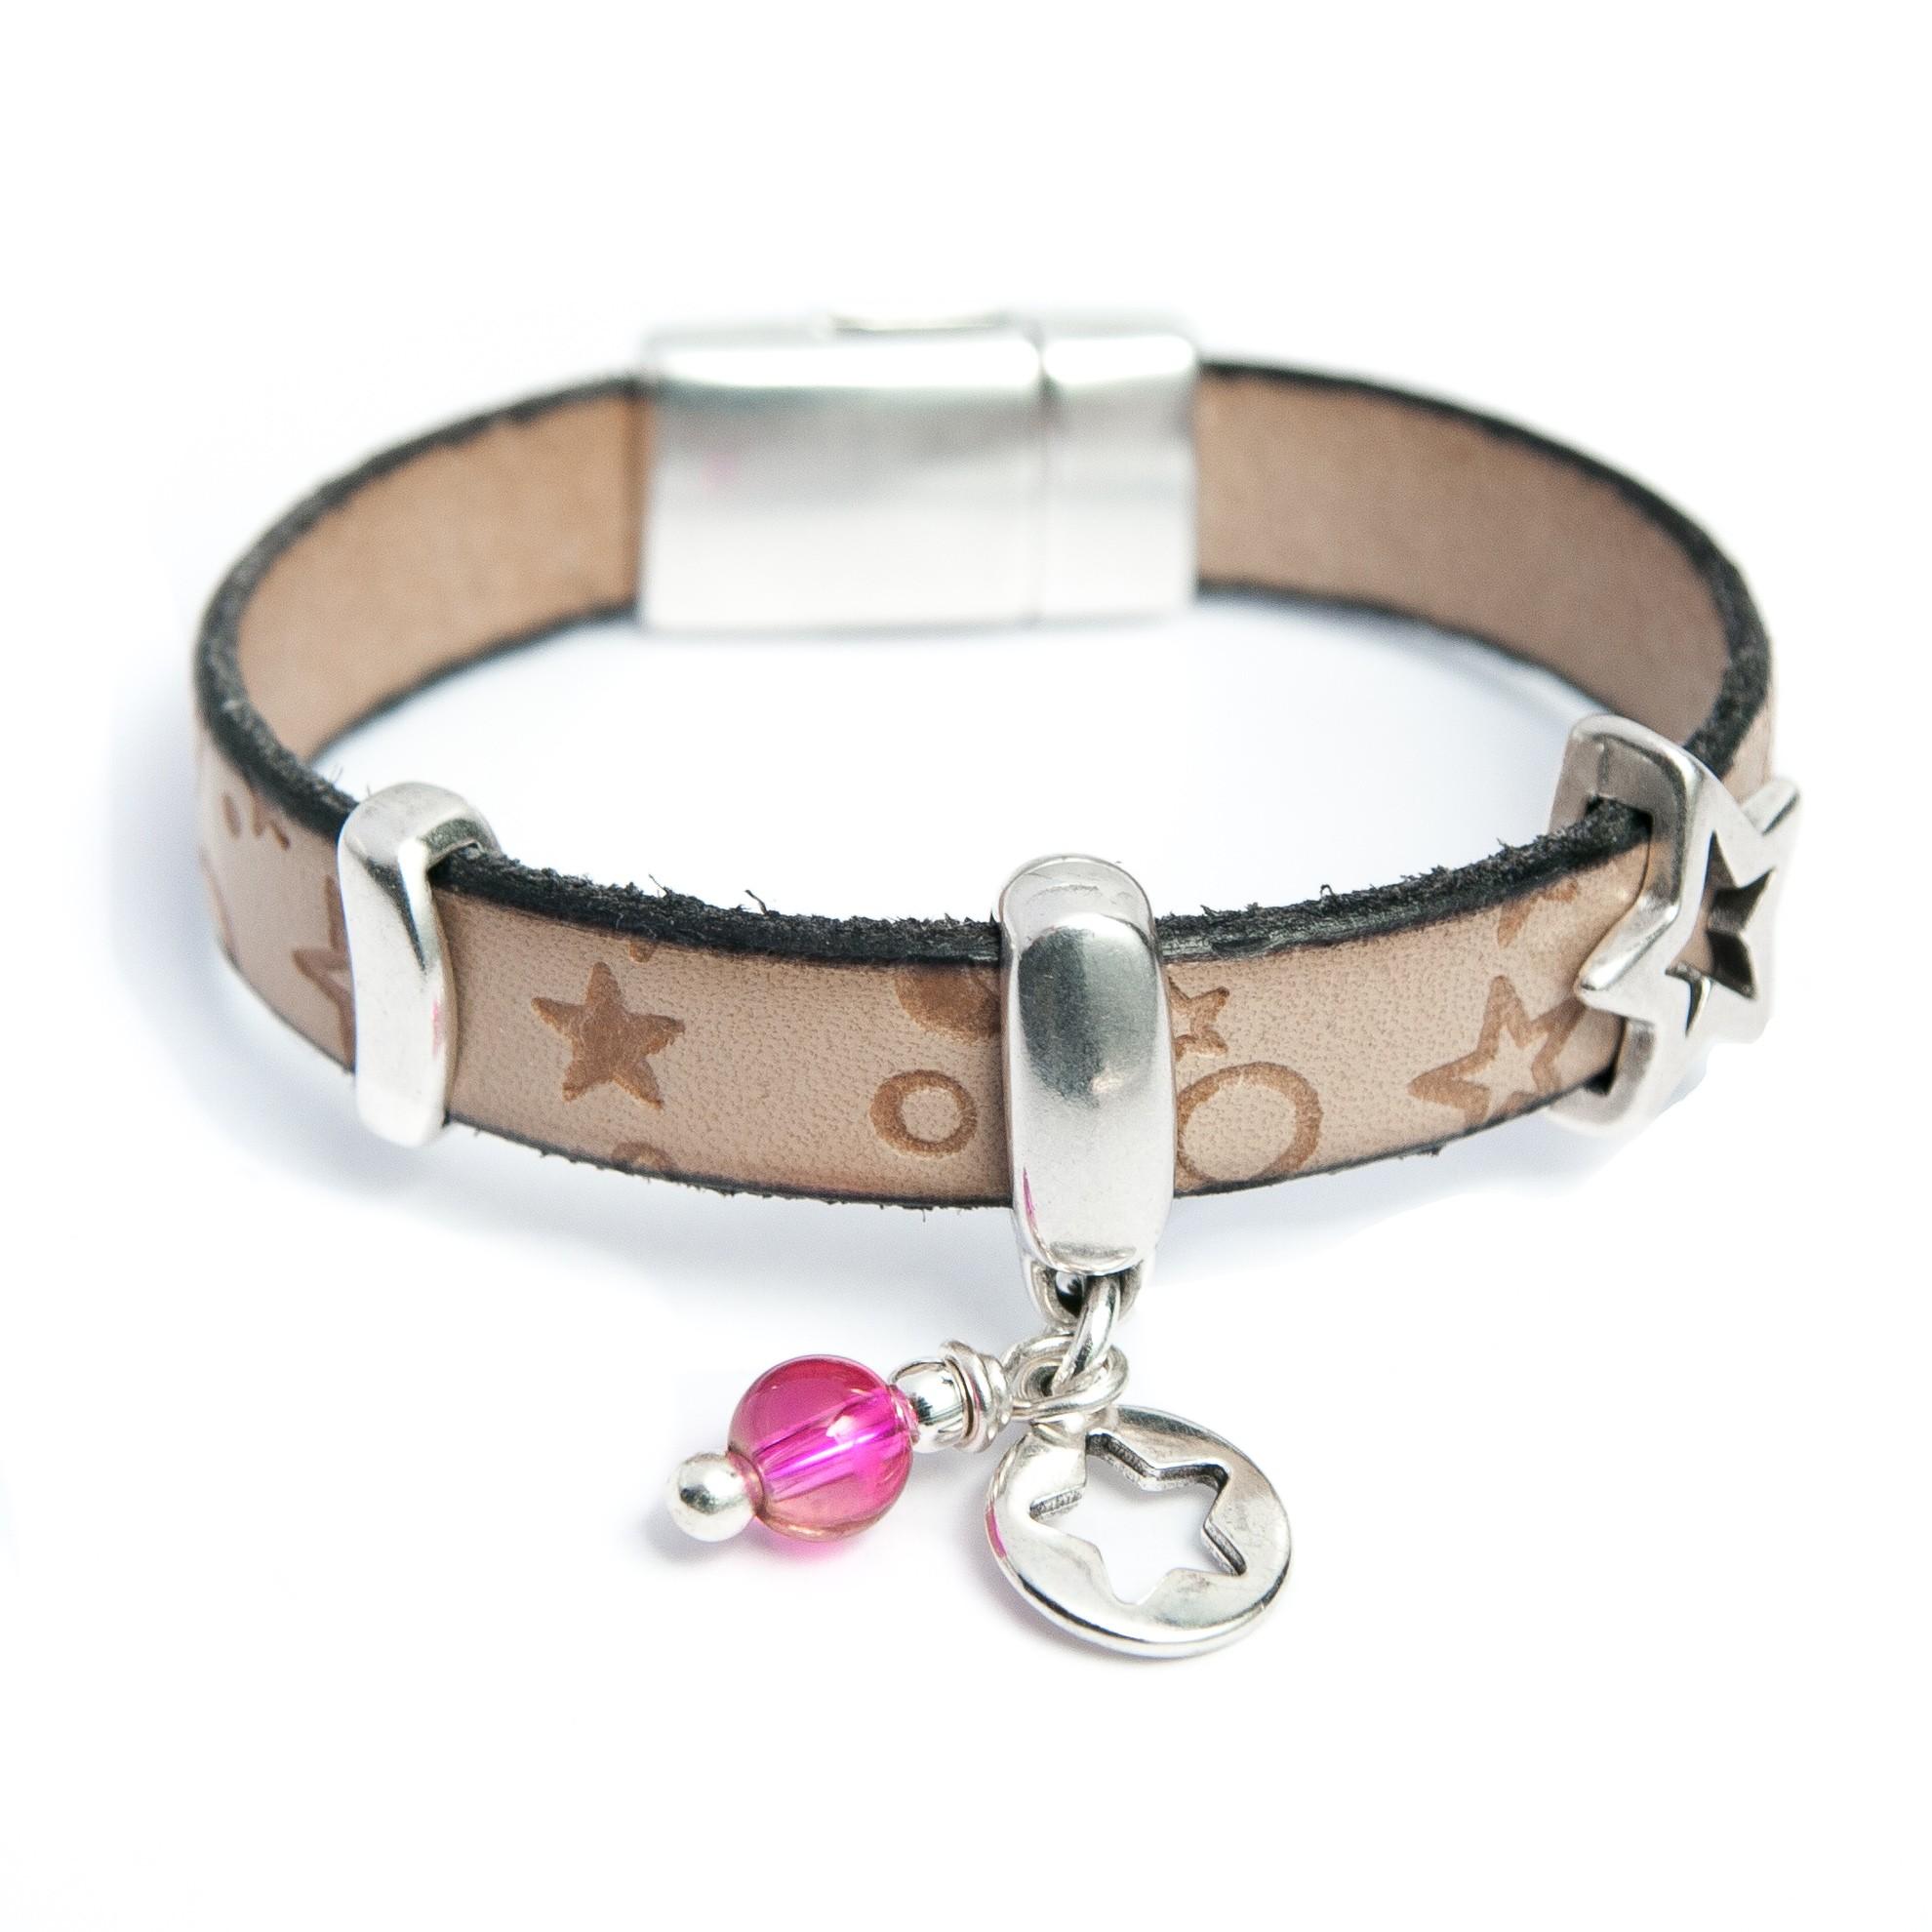 Nouvelles Arrivées 7d9b8 78d0a Bracelet cuir enfant ton naturel motif du ciel perle rose et étoile ajourée  - L&E créations